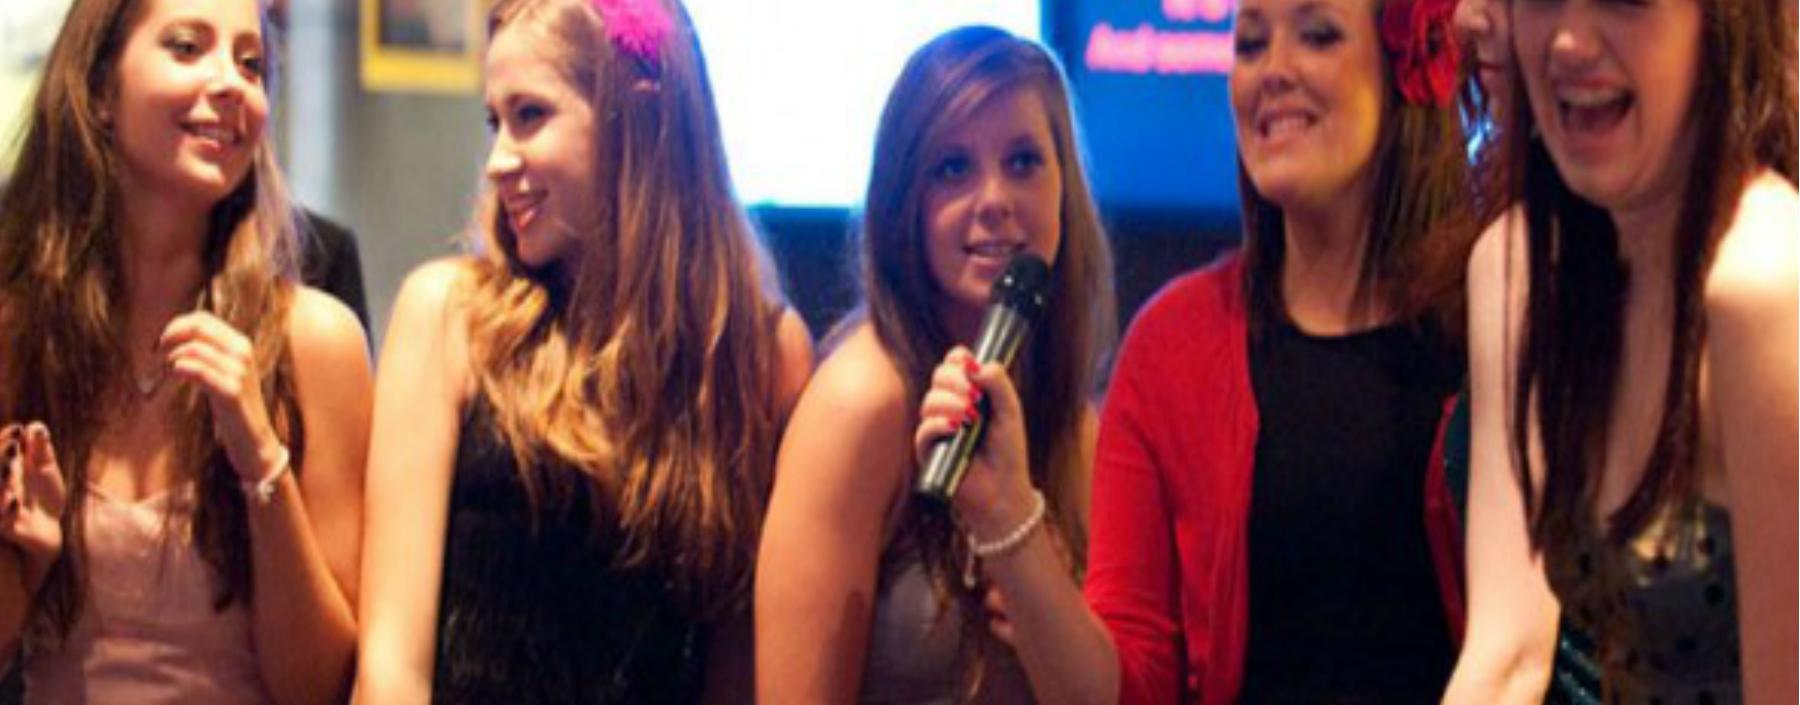 V2 karaoke